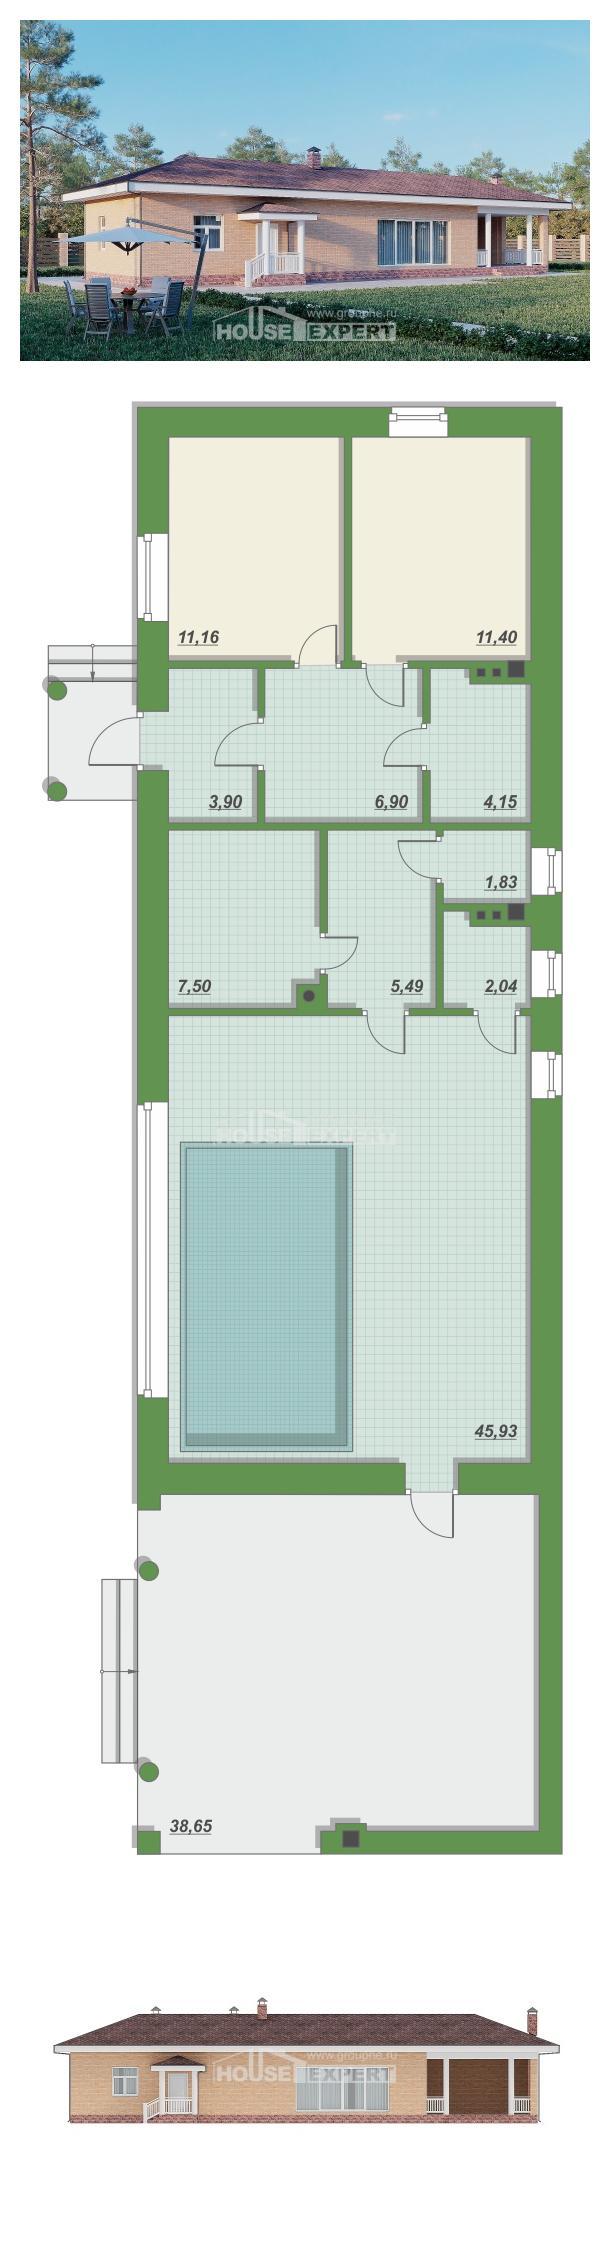 Plan 110-006-R | House Expert